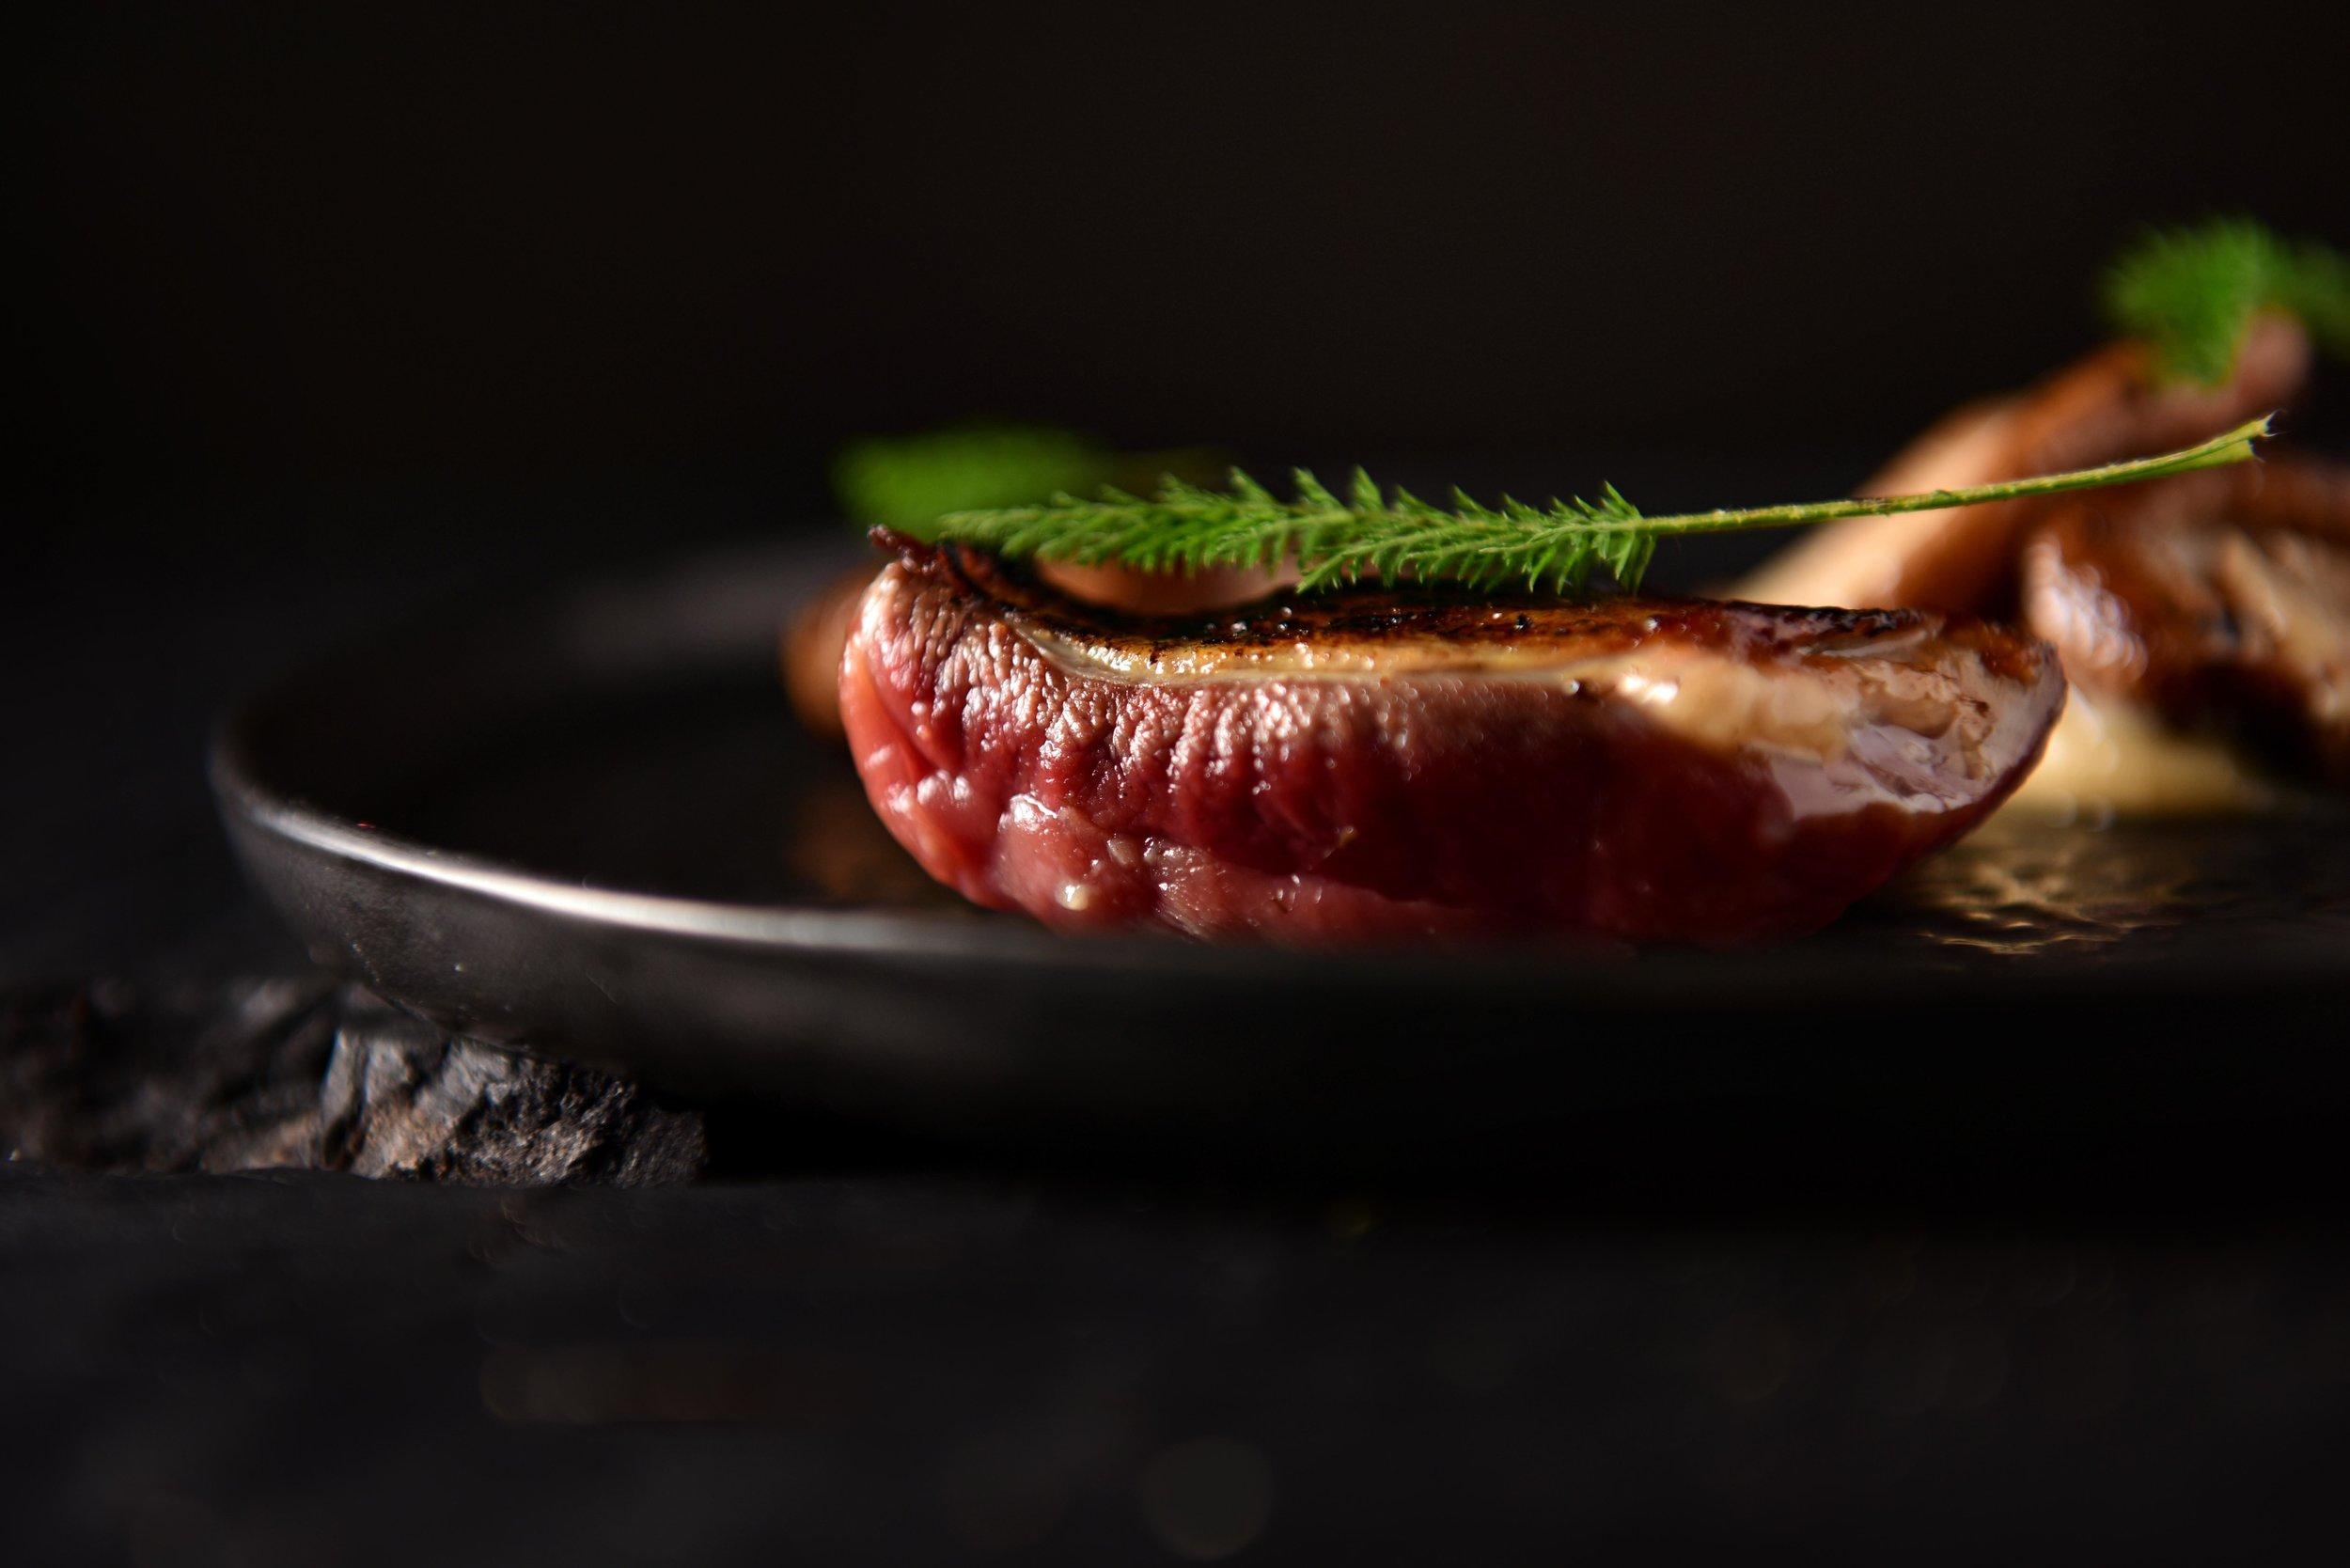 20 restaurant burnt aalst histoire 32 bart albrecht culinaire culinair fotograaf foodfotograaf best beste tablefever.jpg